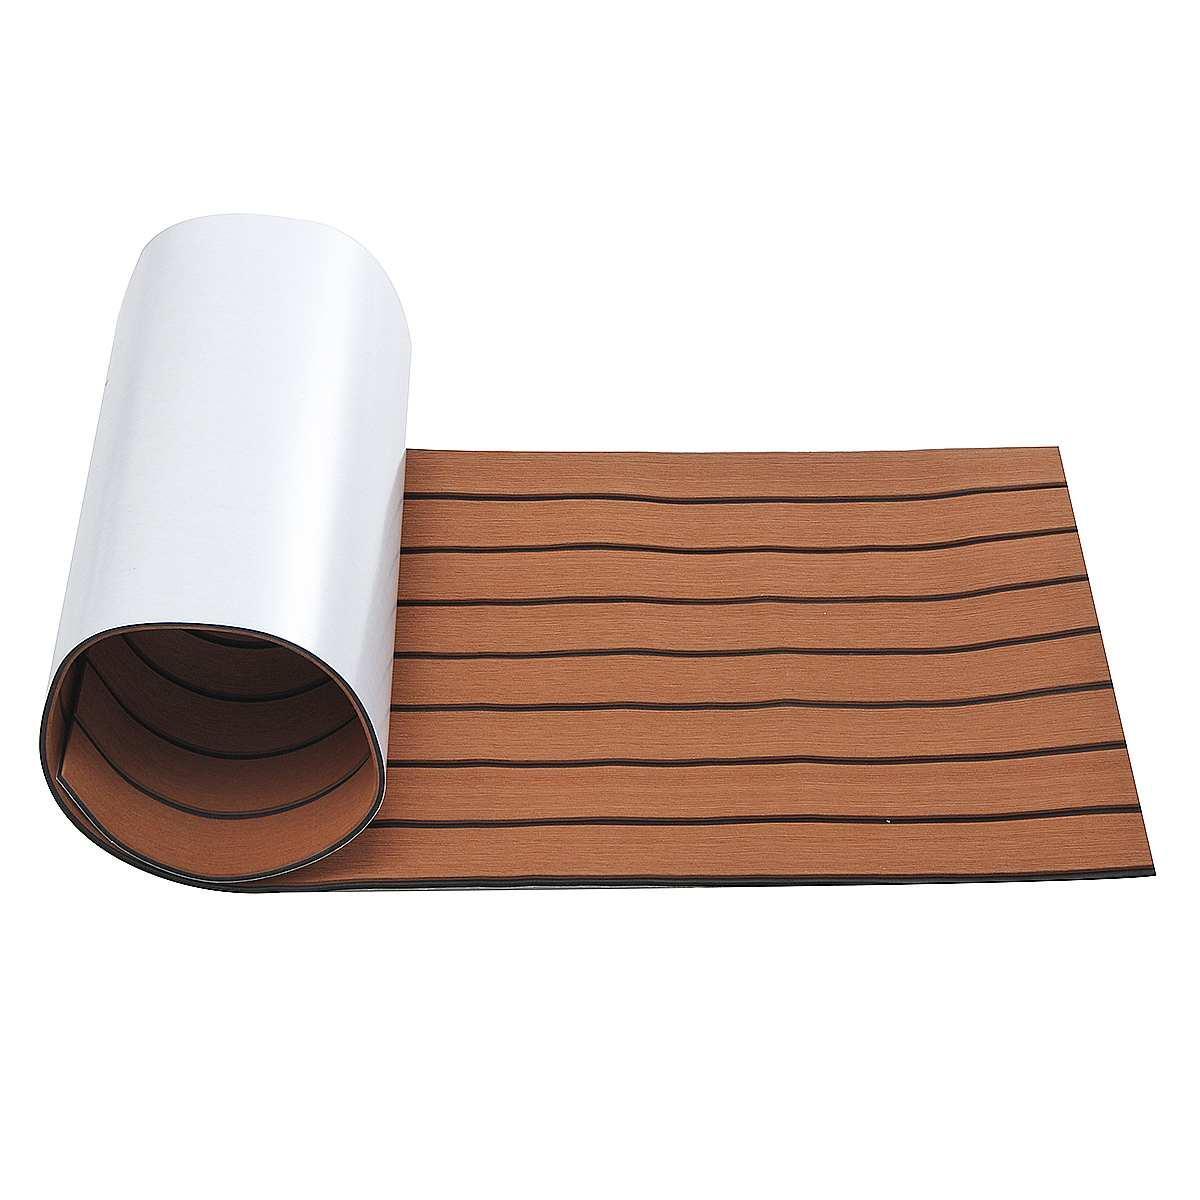 Tapis de pont de bateau en teck imité par mousse d'eva de plancher marin auto-adhésif